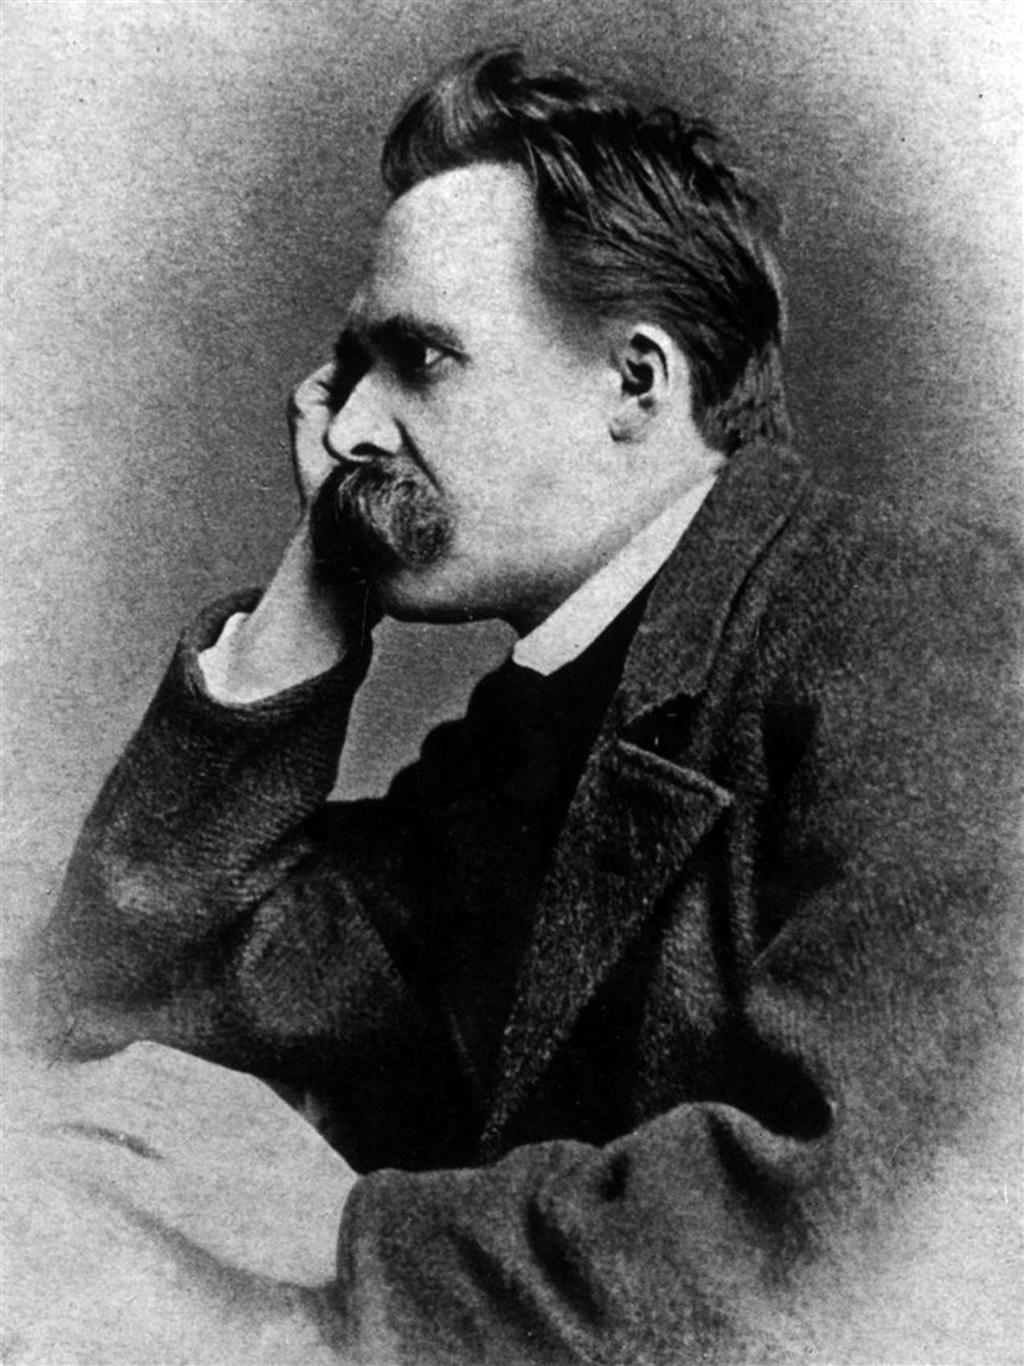 Este foi um grande pensador, filósofo, escritor e músico do século XIX